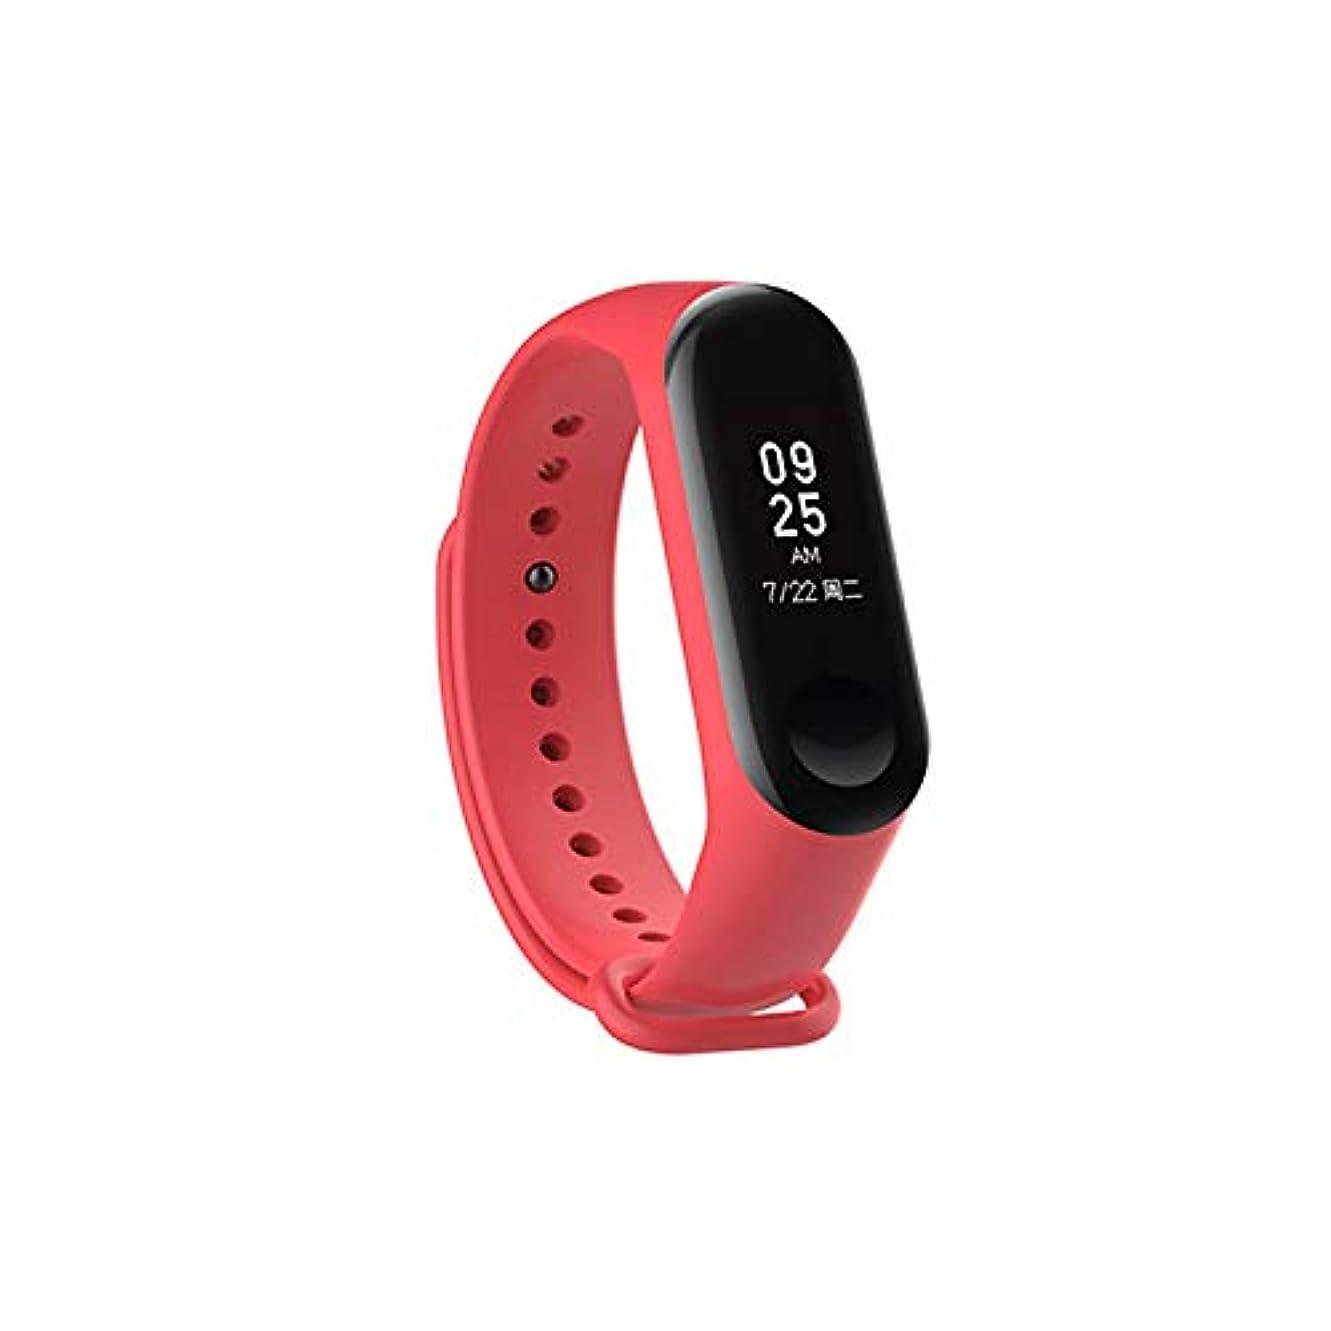 マッサージ比較的ウミウシACHICOO 手首ストラップ 時計バンド シリコンリストストラップ Mi3アクセサリー 交換 Xiaomi mi 3スマートブレスレット用(時計なし) 赤